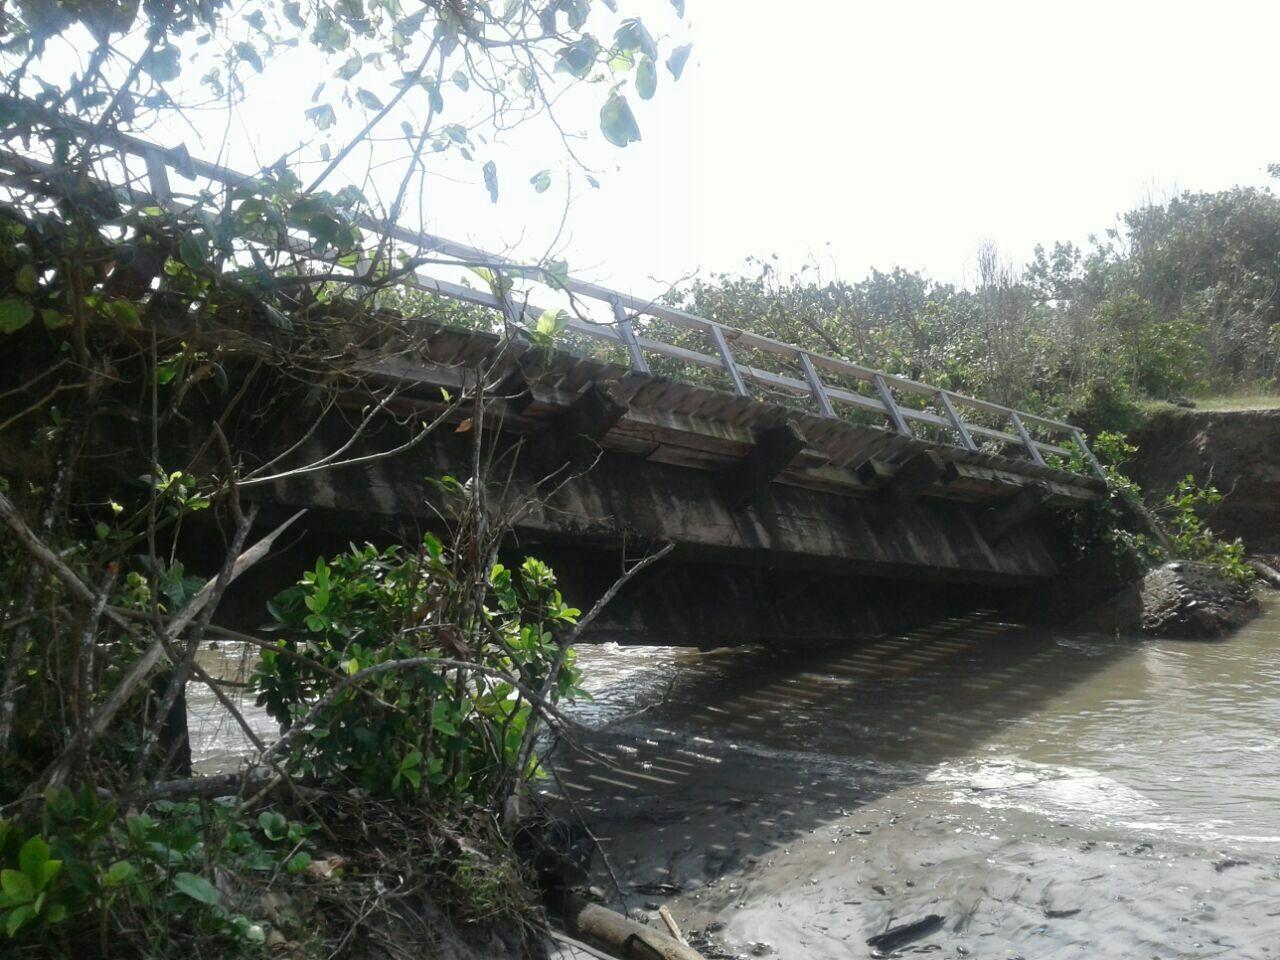 https: img-k.okeinfo.net content 2017 09 11 340 1773416 2-jembatan-di-bengkulu-ambruk-diterjang-banjir-akses-antardesa-terputus-1lHrmcu21M.jpg